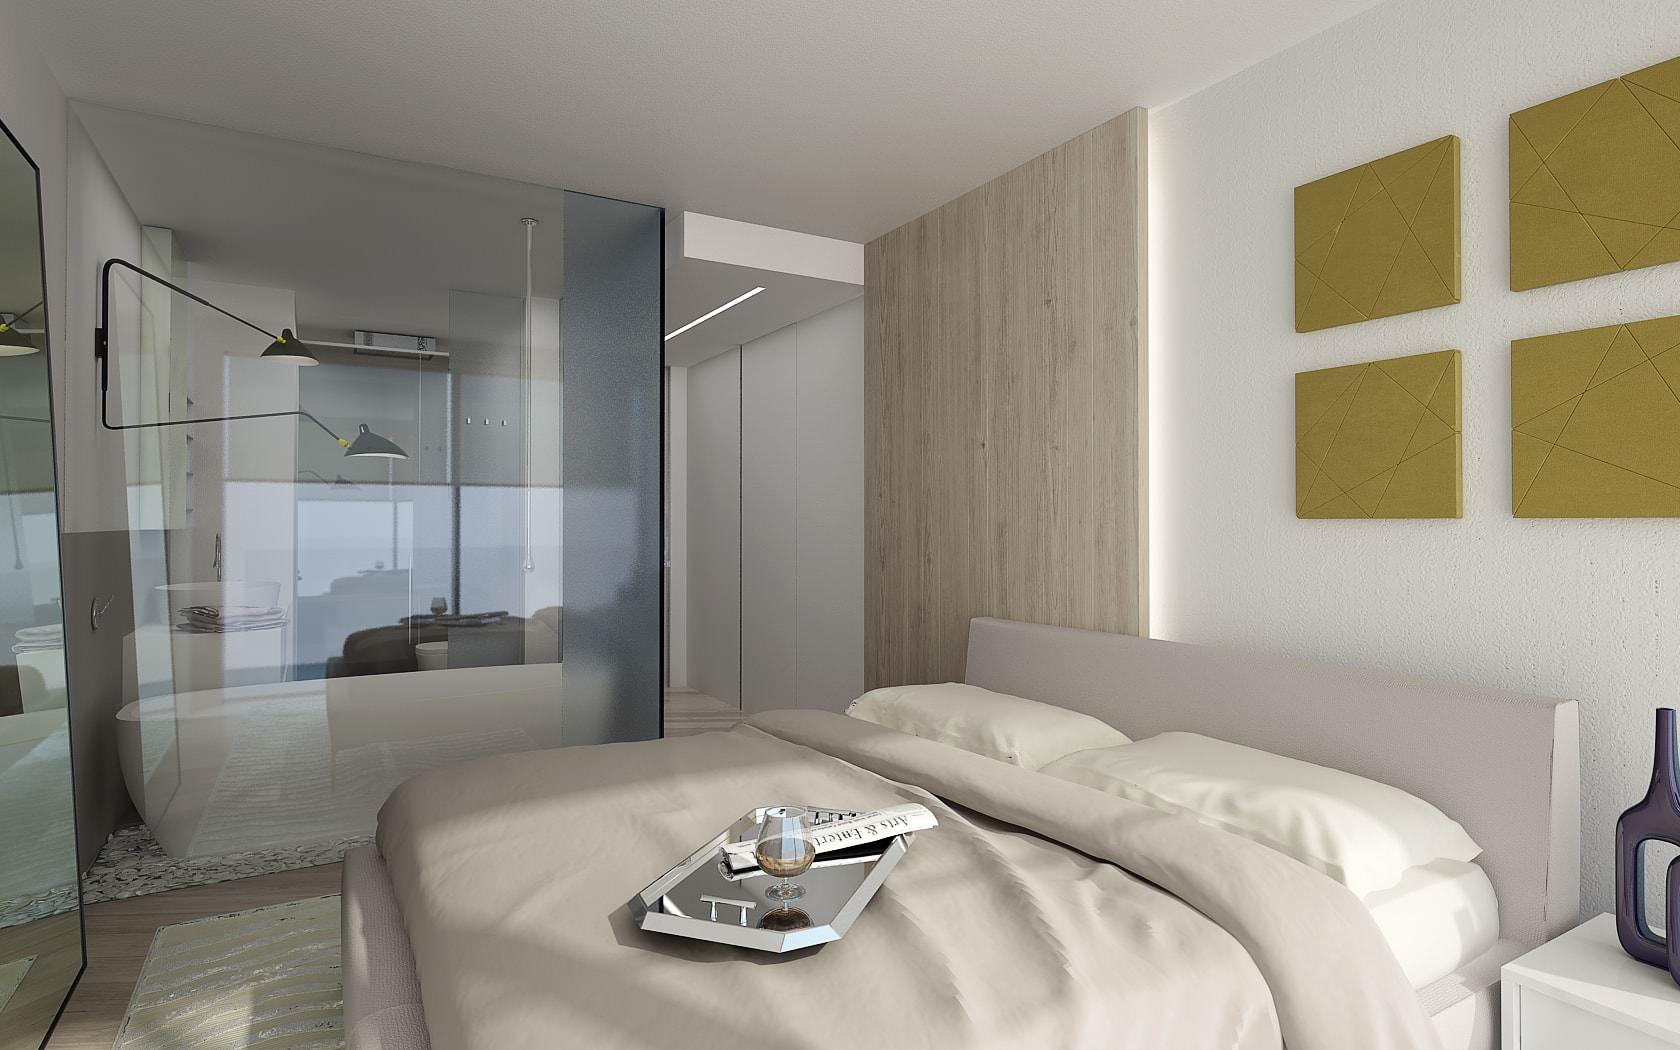 Camera da letto attico lusso Lugano Ticino Svizzera